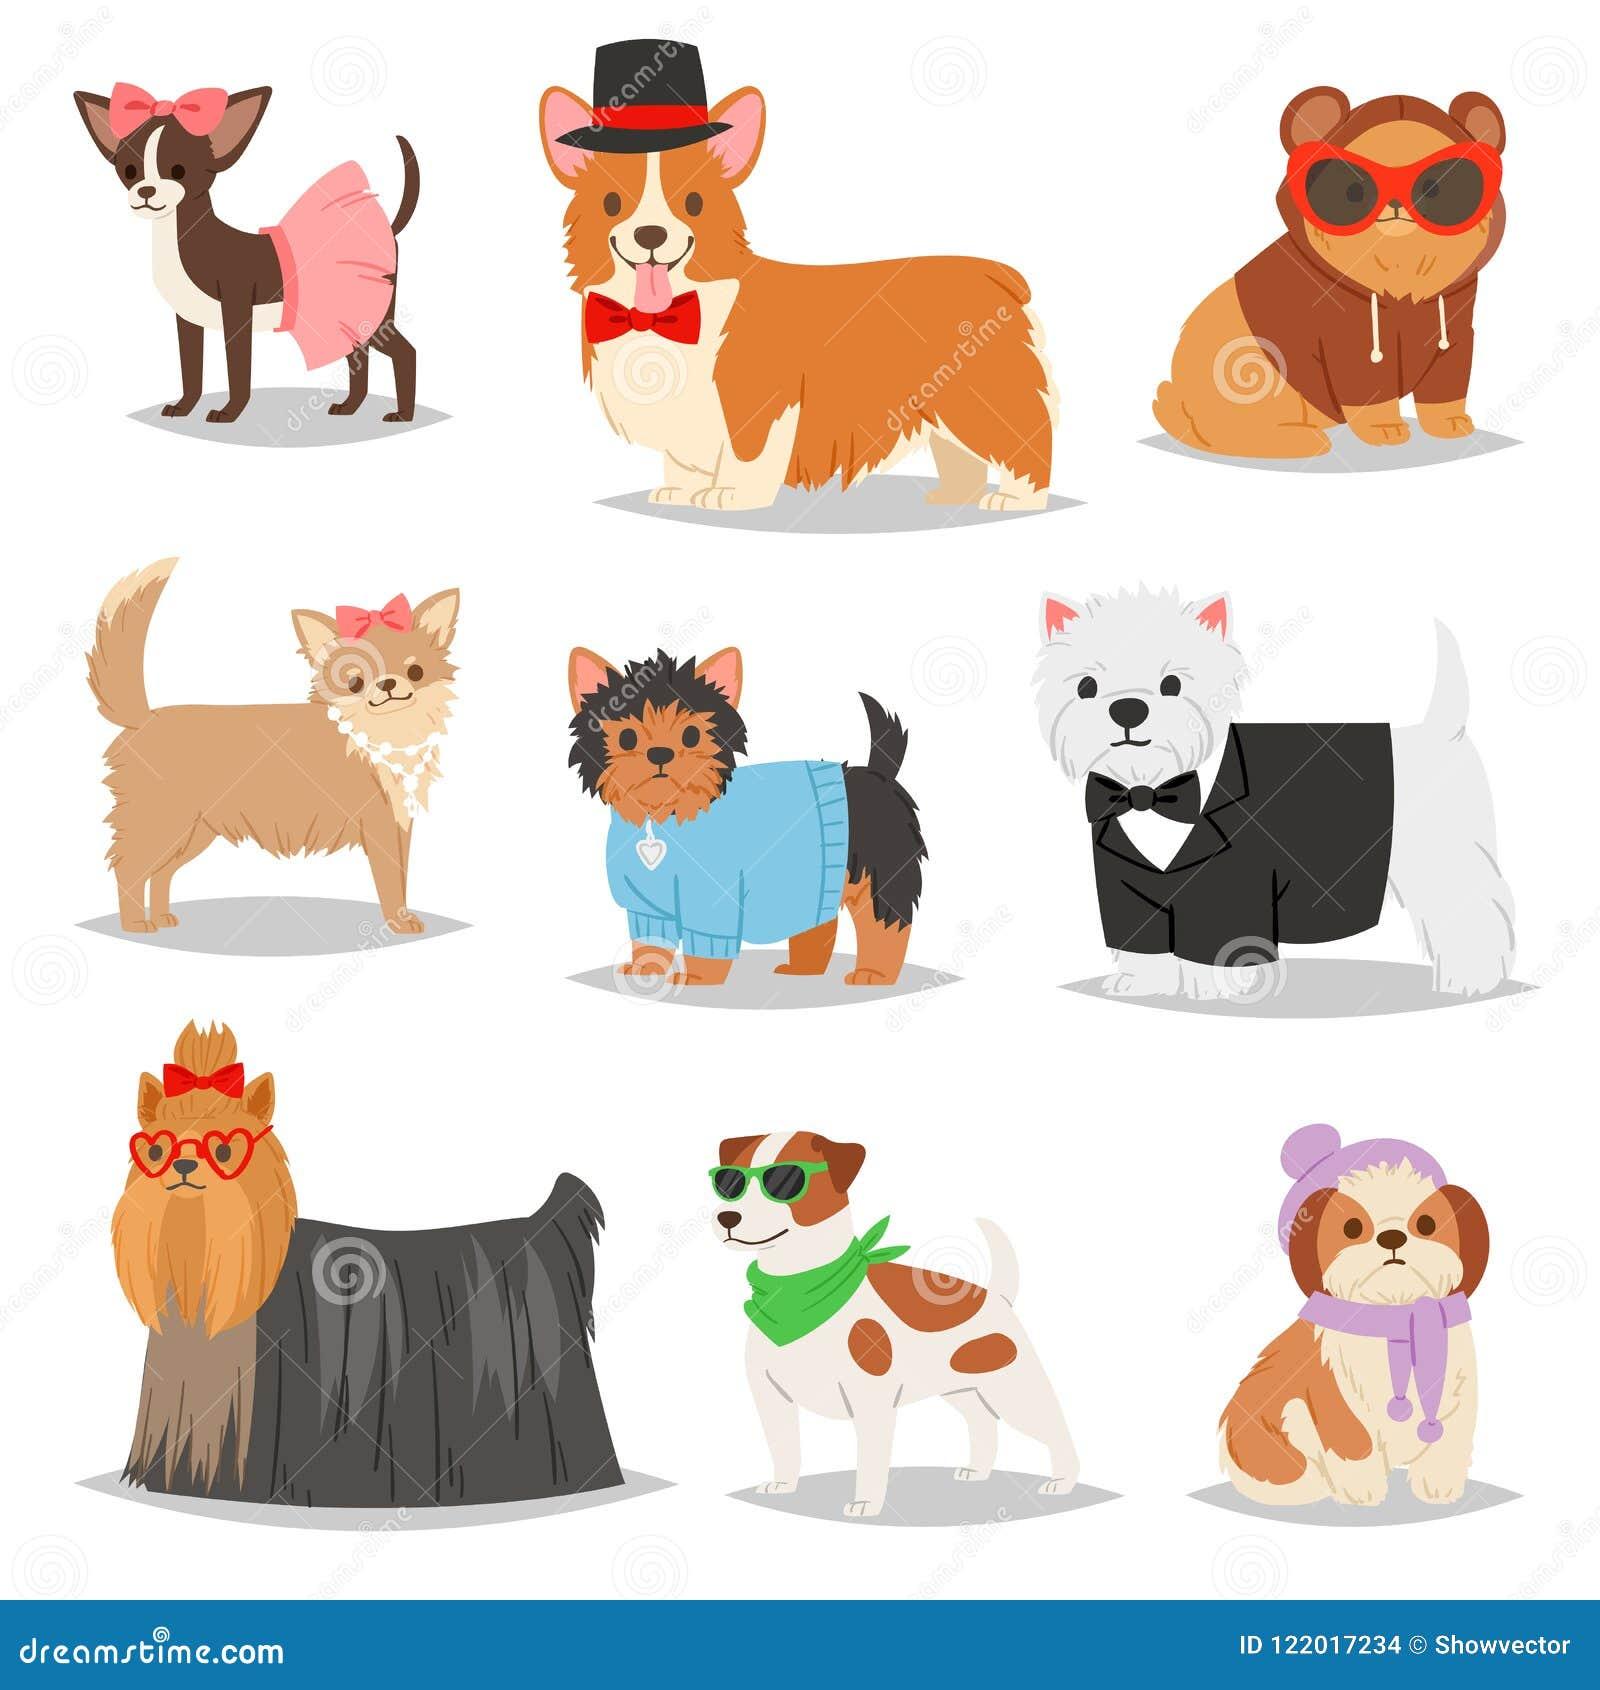 尾随传染媒介小狗宠物在国内狗饲养例证狗一样套似犬衣物的小狗字符